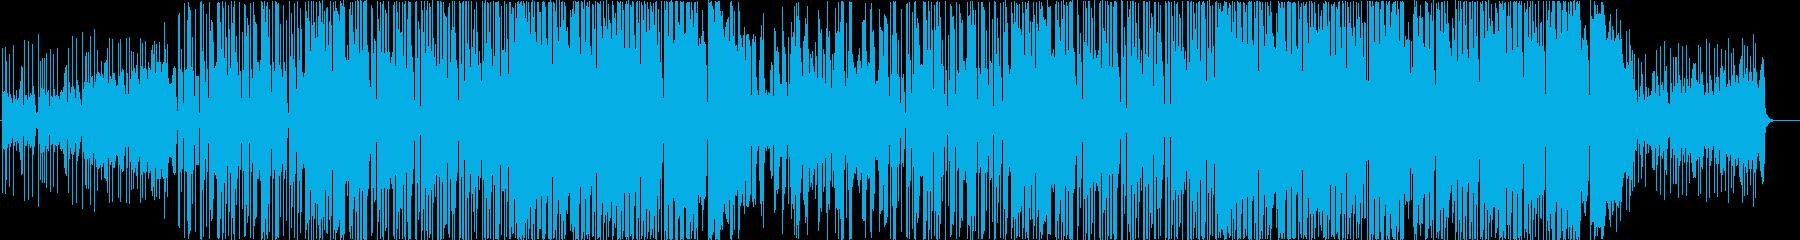 EDM系 フューチャーベース風な曲 -4の再生済みの波形